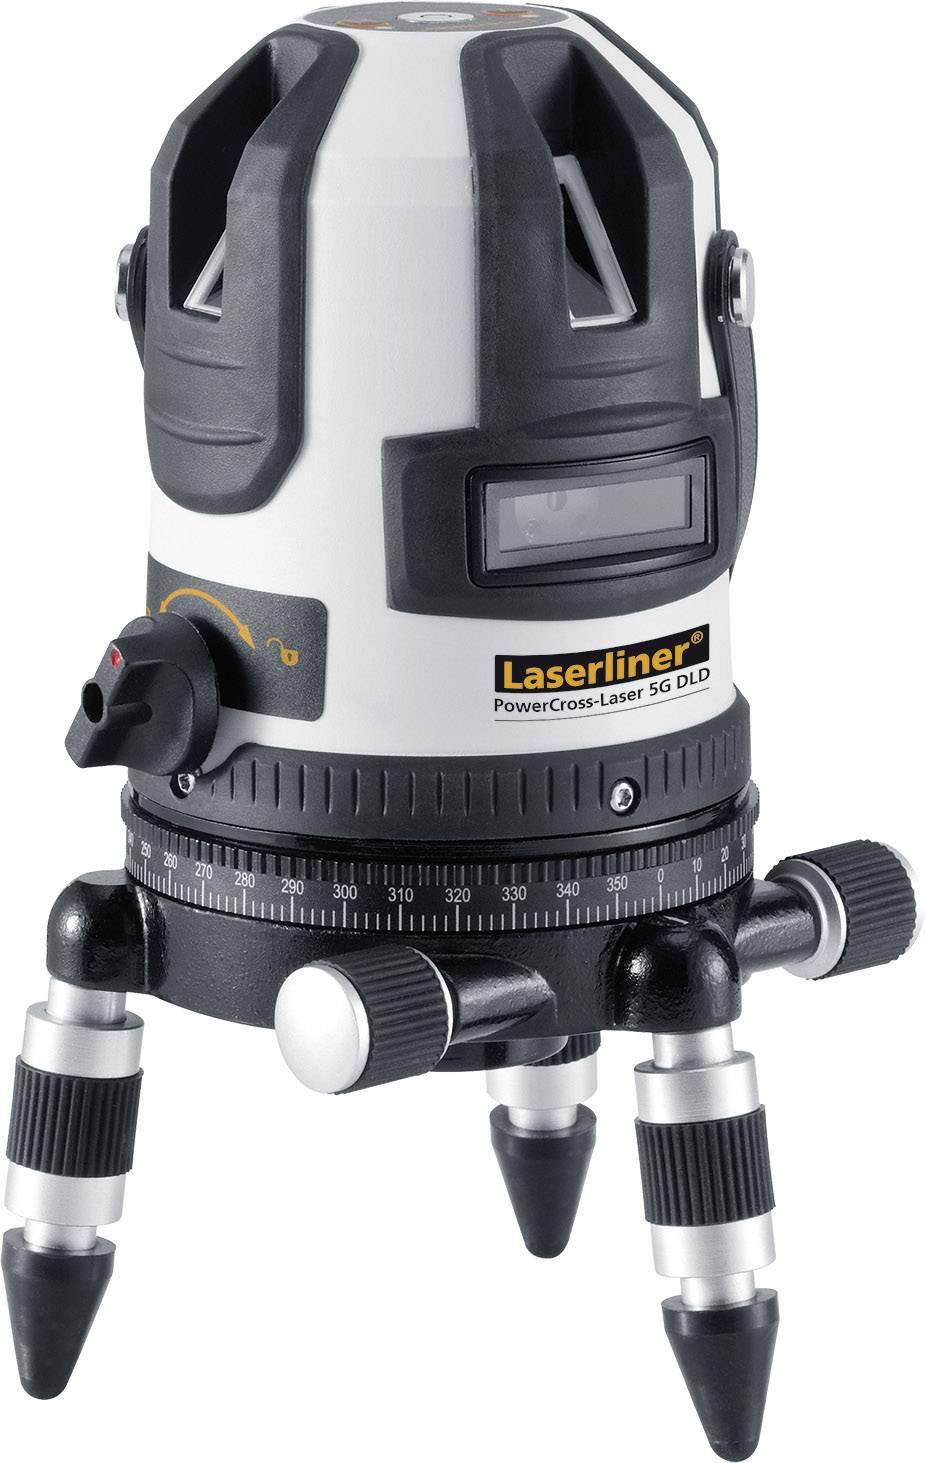 Krížový laser samonivelačná Laserliner PowerCross-Laser 5G, dosah (max.): 40 m